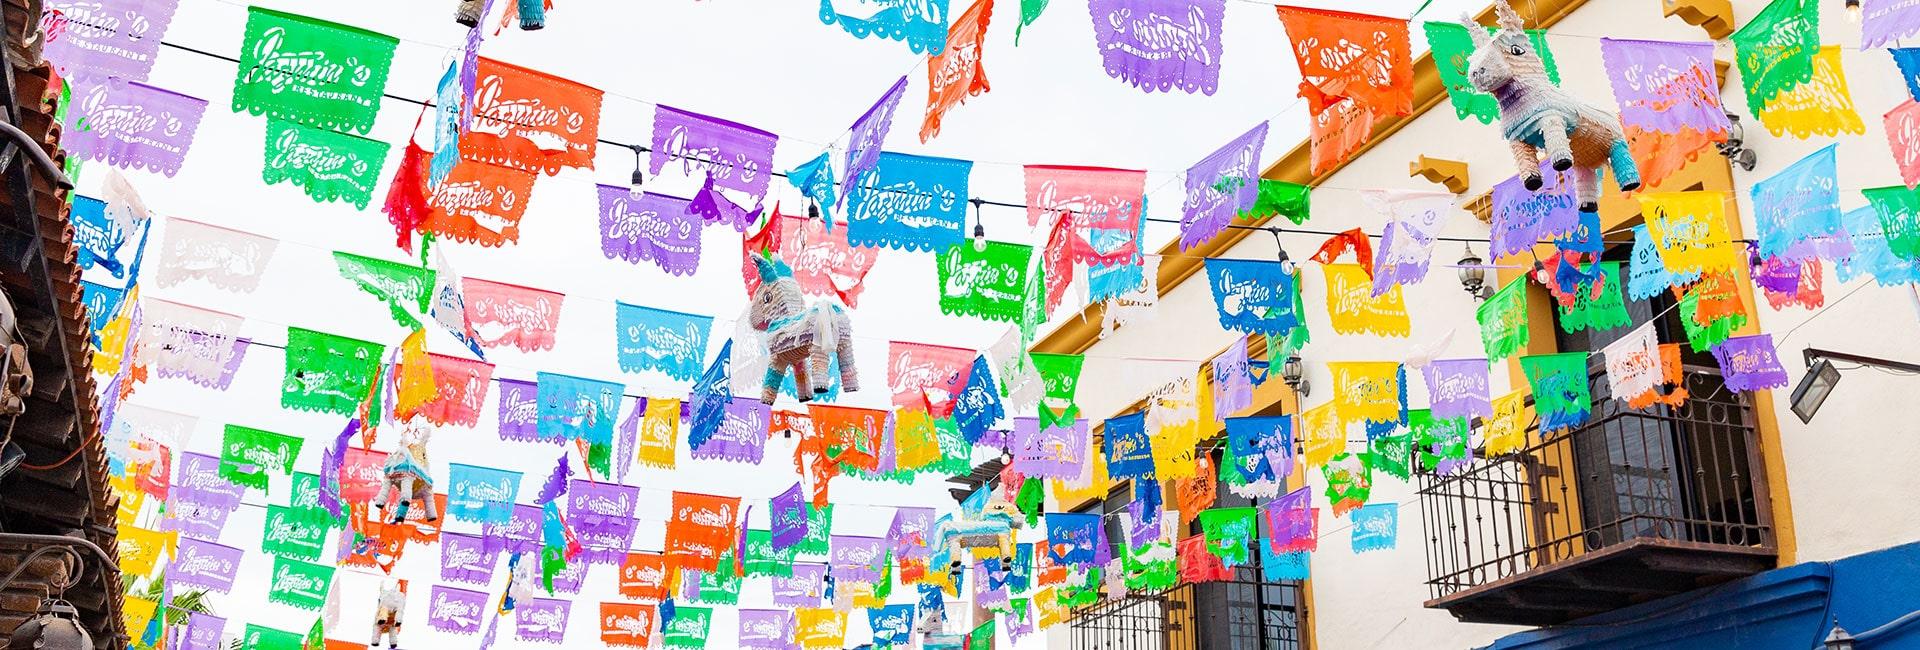 San jose del cabo mexico